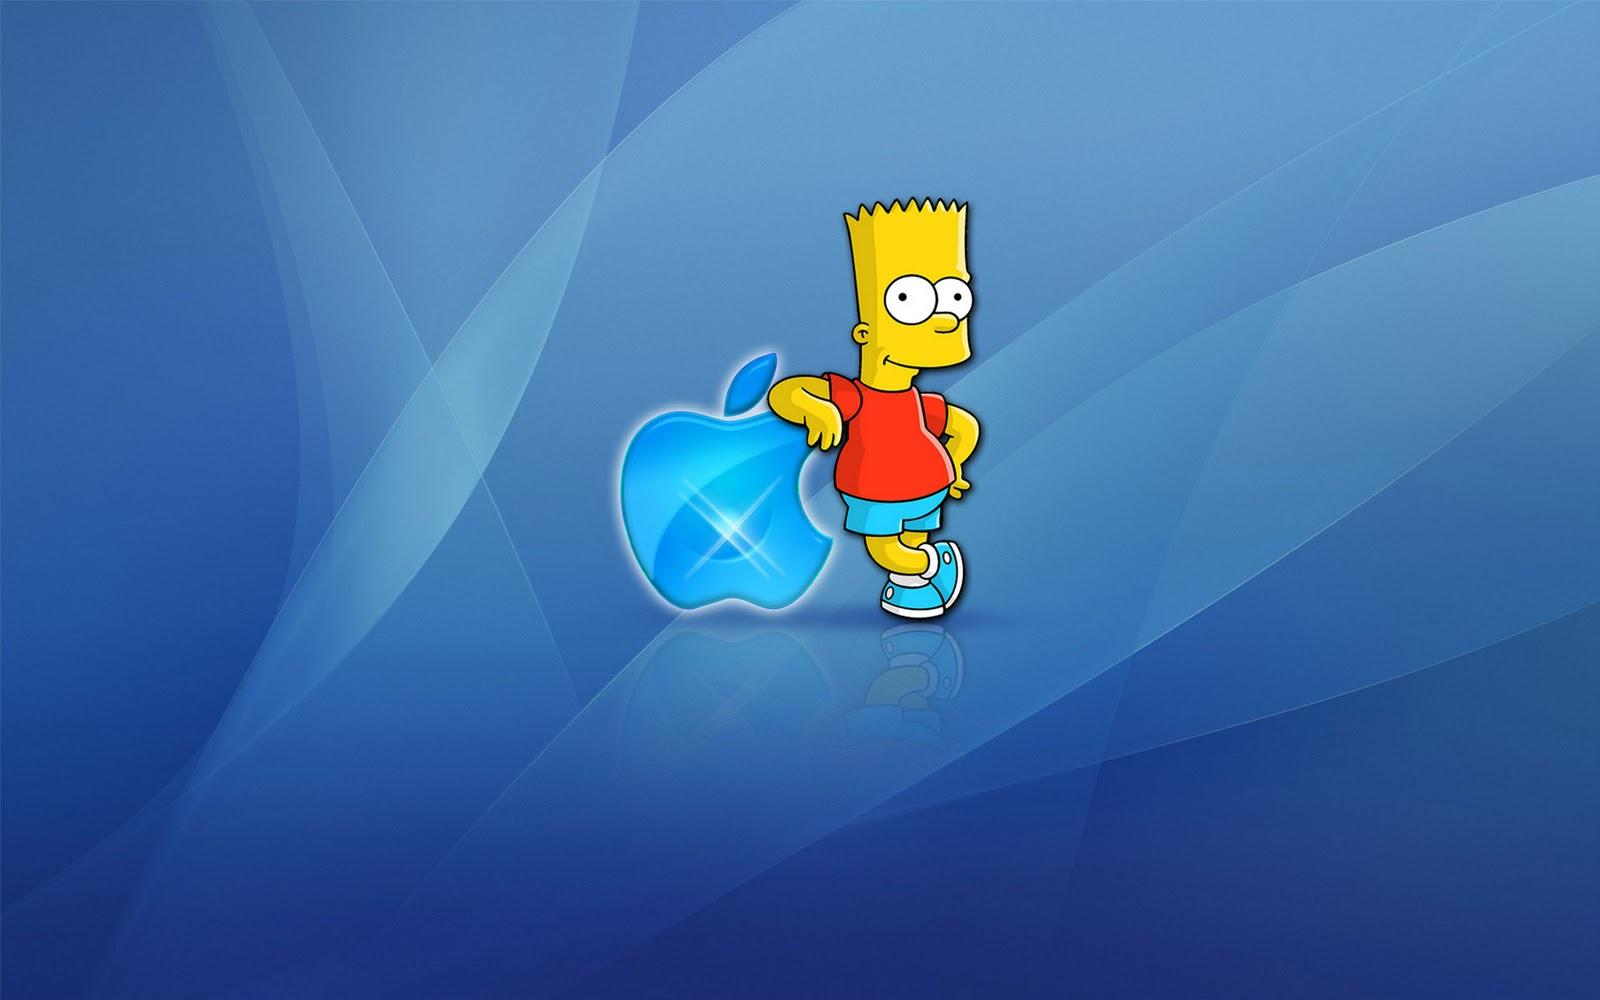 Simpson vs apple una storia di amore e odio lunga 30 anni for Immagini hd apple